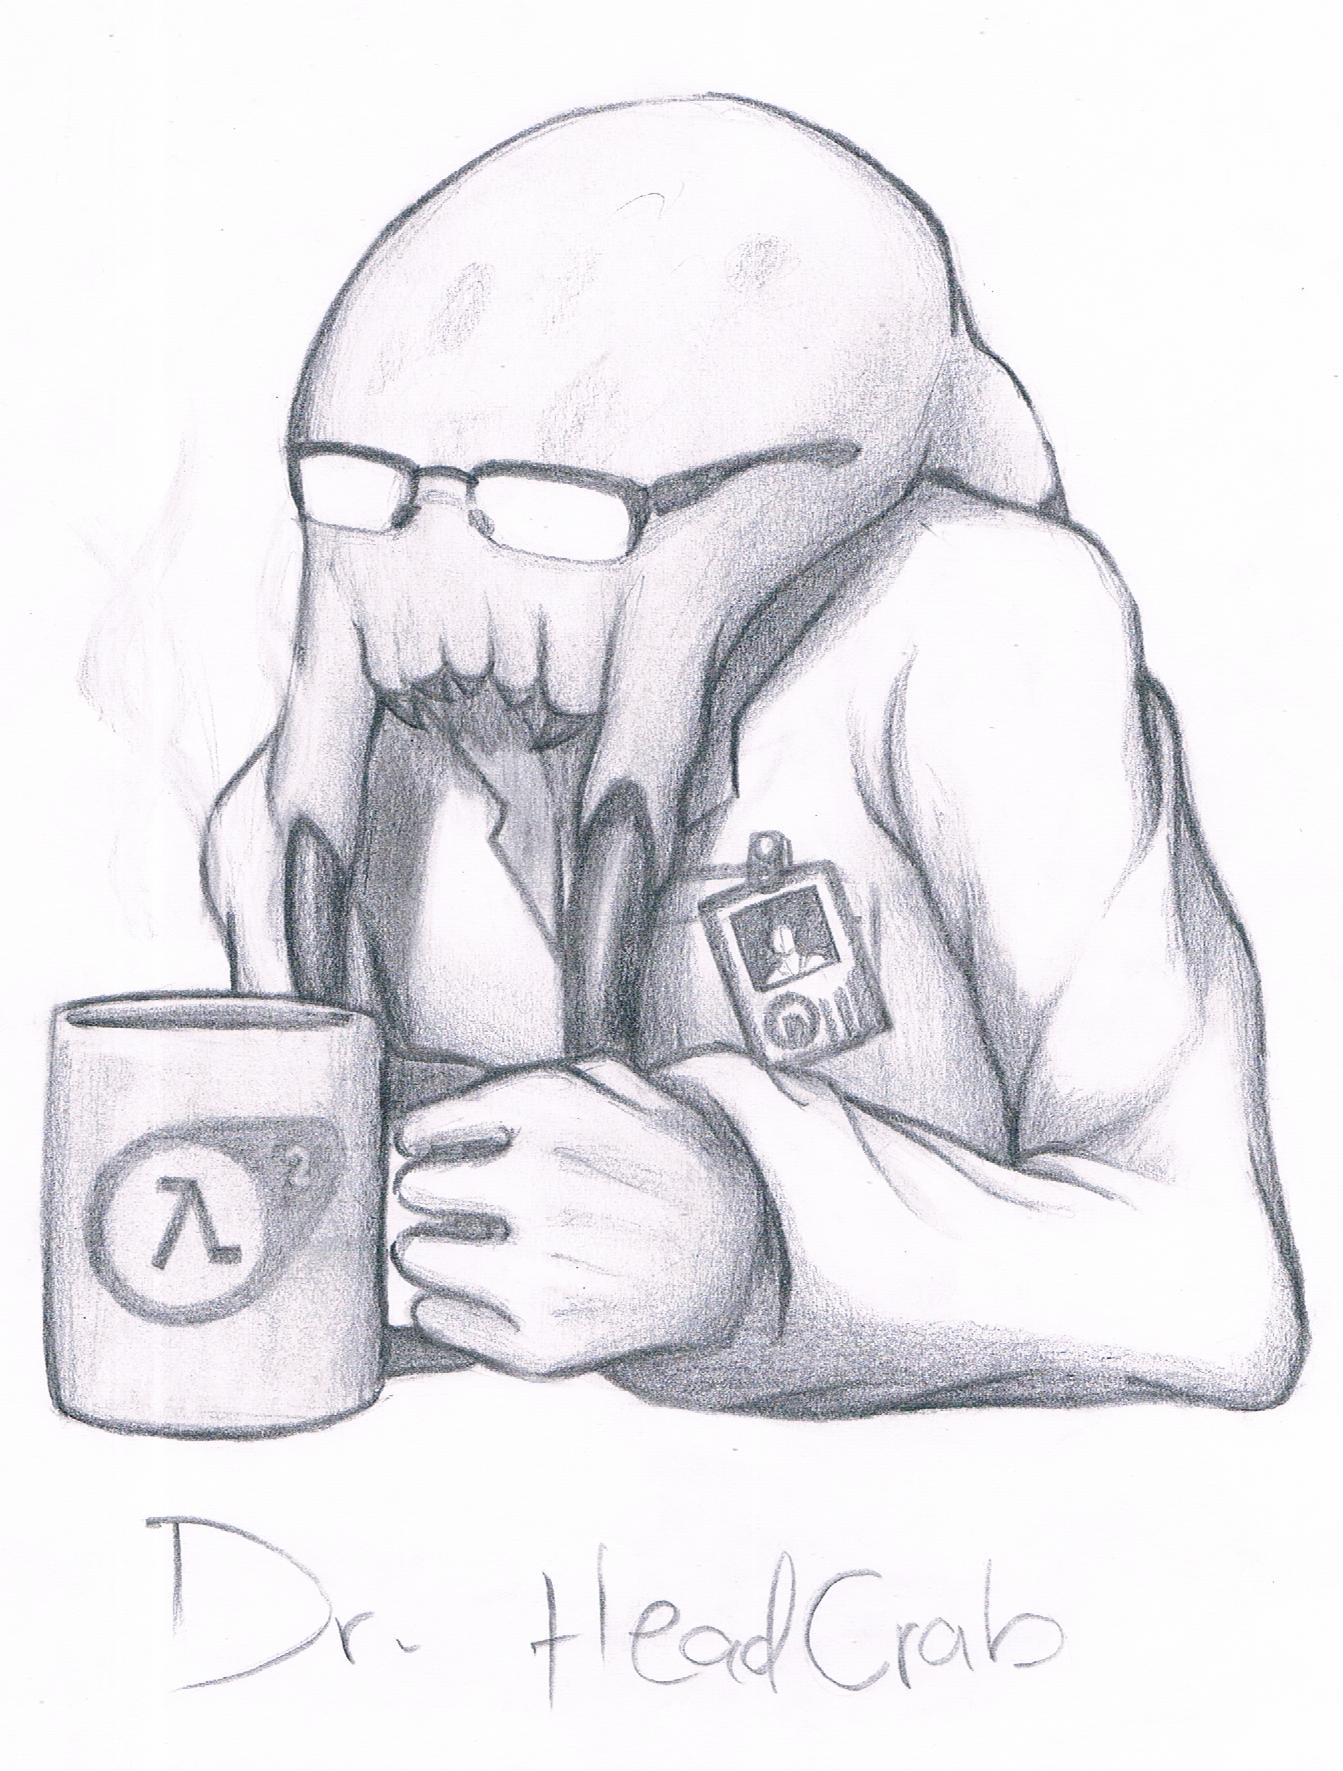 Dr.HeadCrab by JBMcKnight